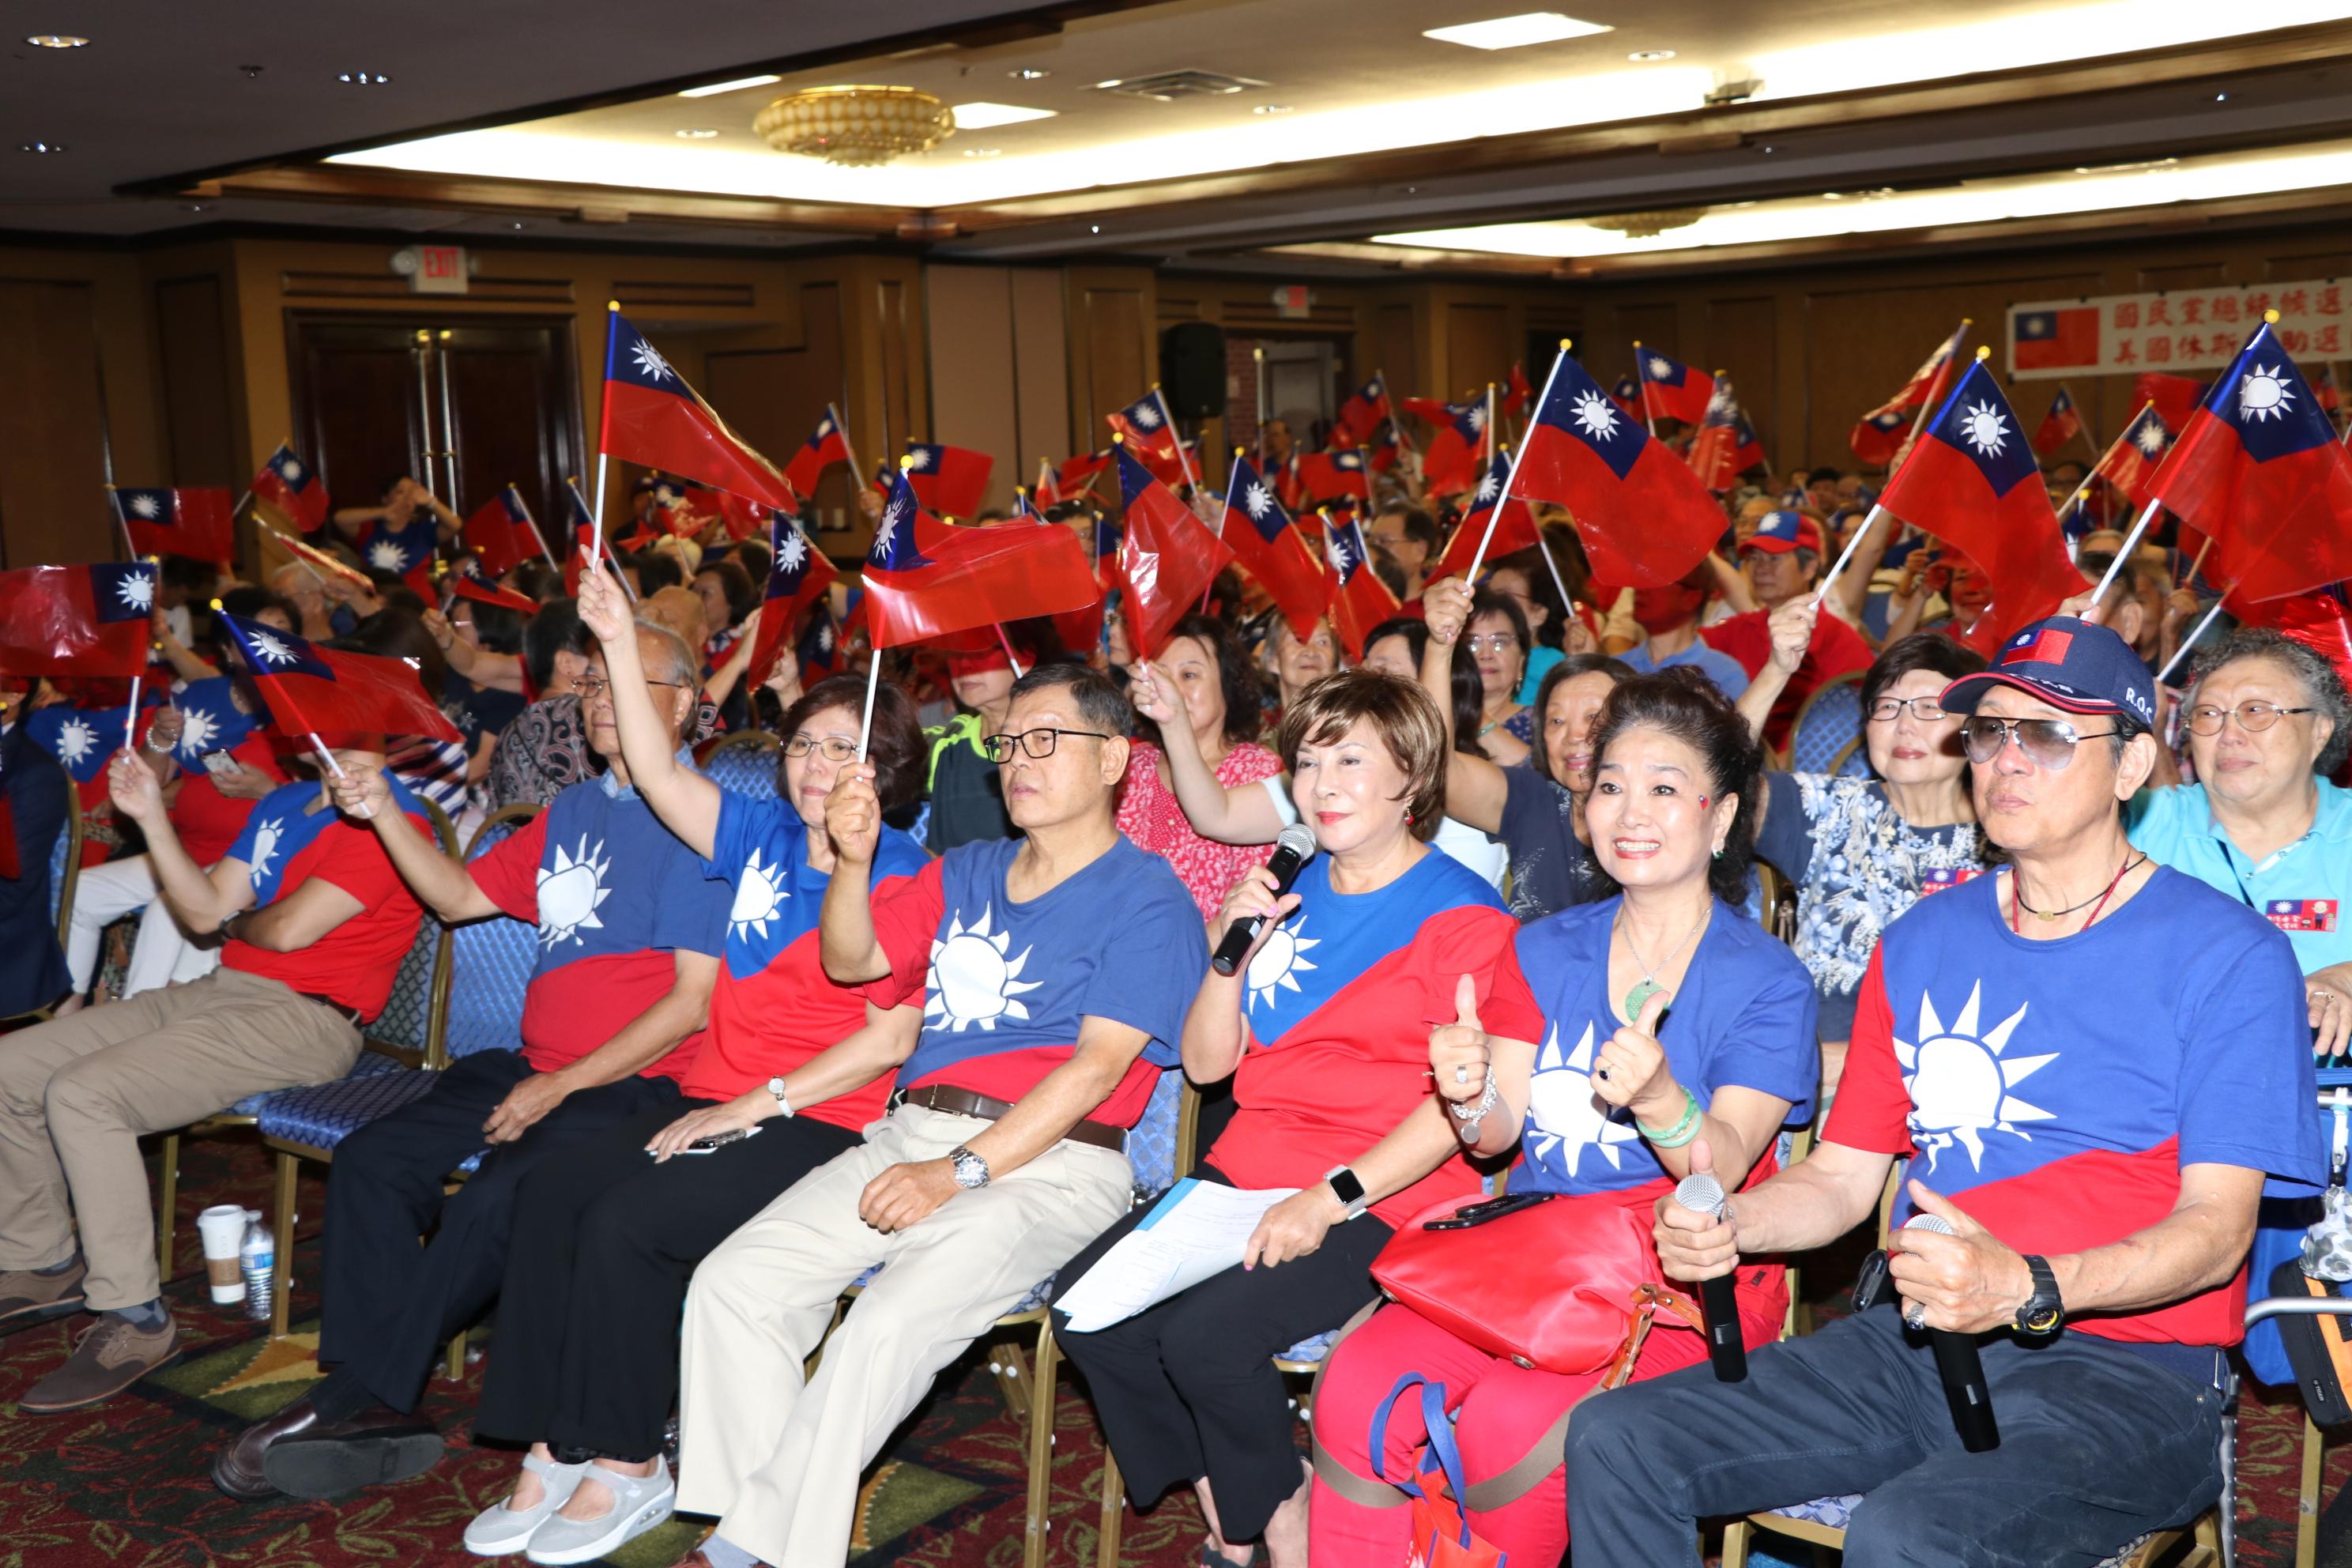 全場韓粉高舉國旗大喊「韓國瑜凍蒜」,現場民眾情緒高昂。